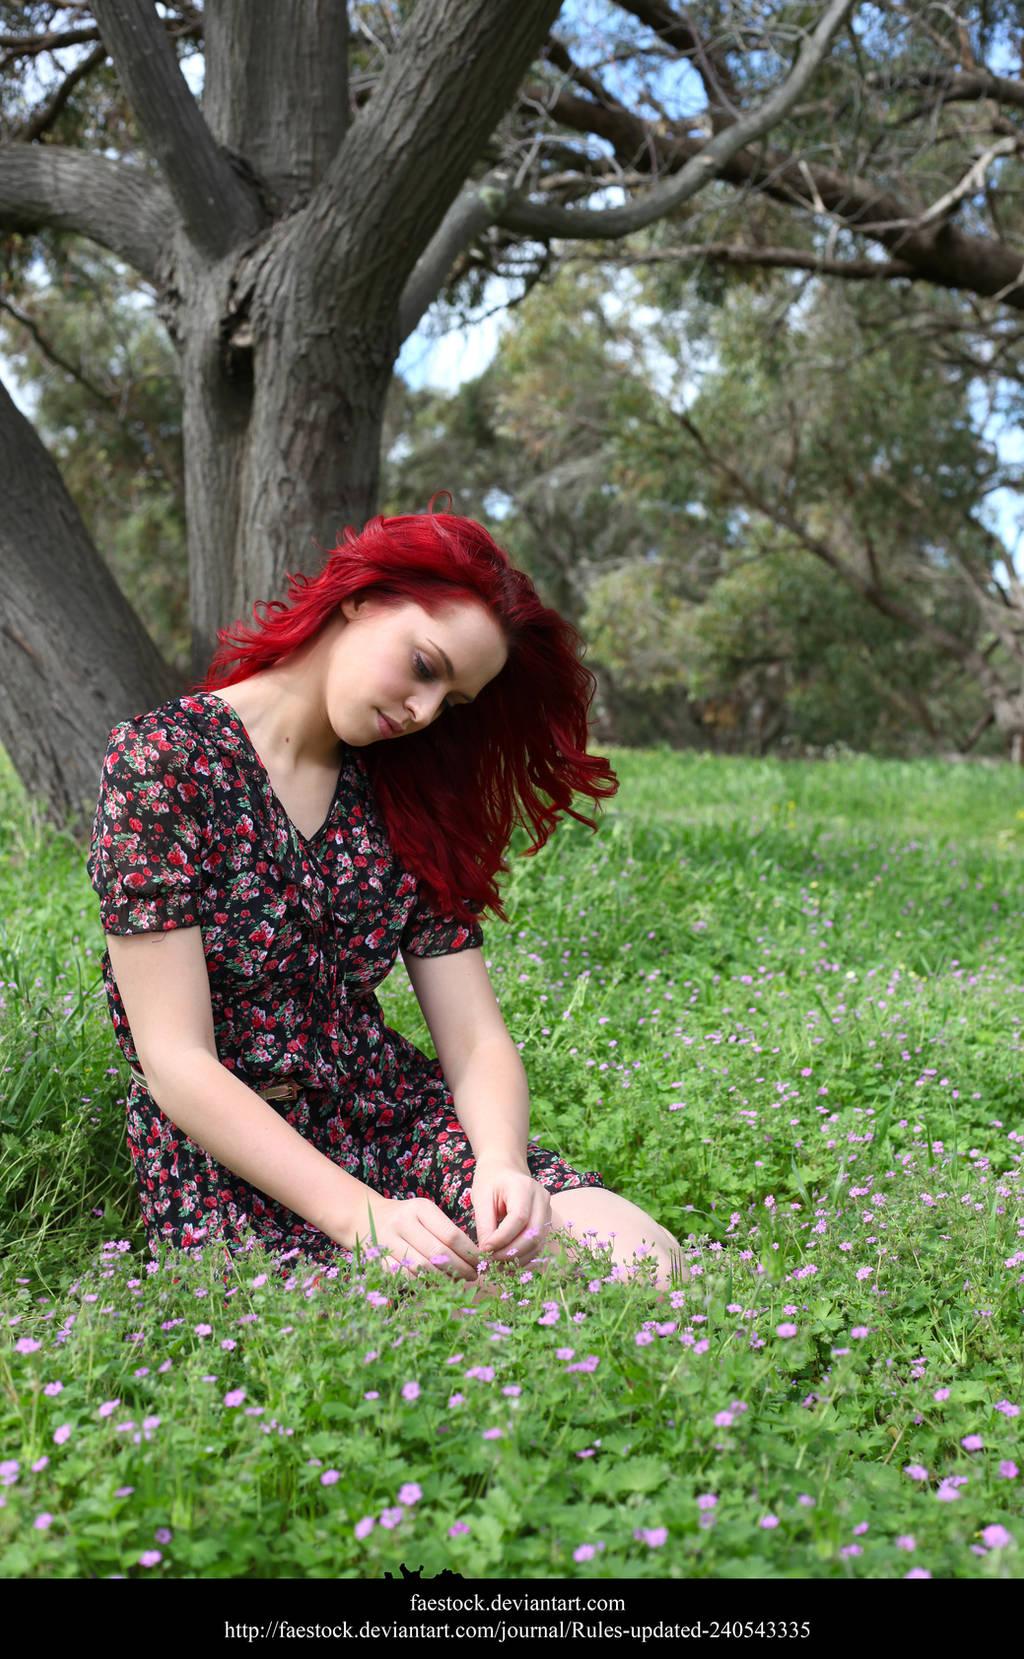 Meadow9 by faestock